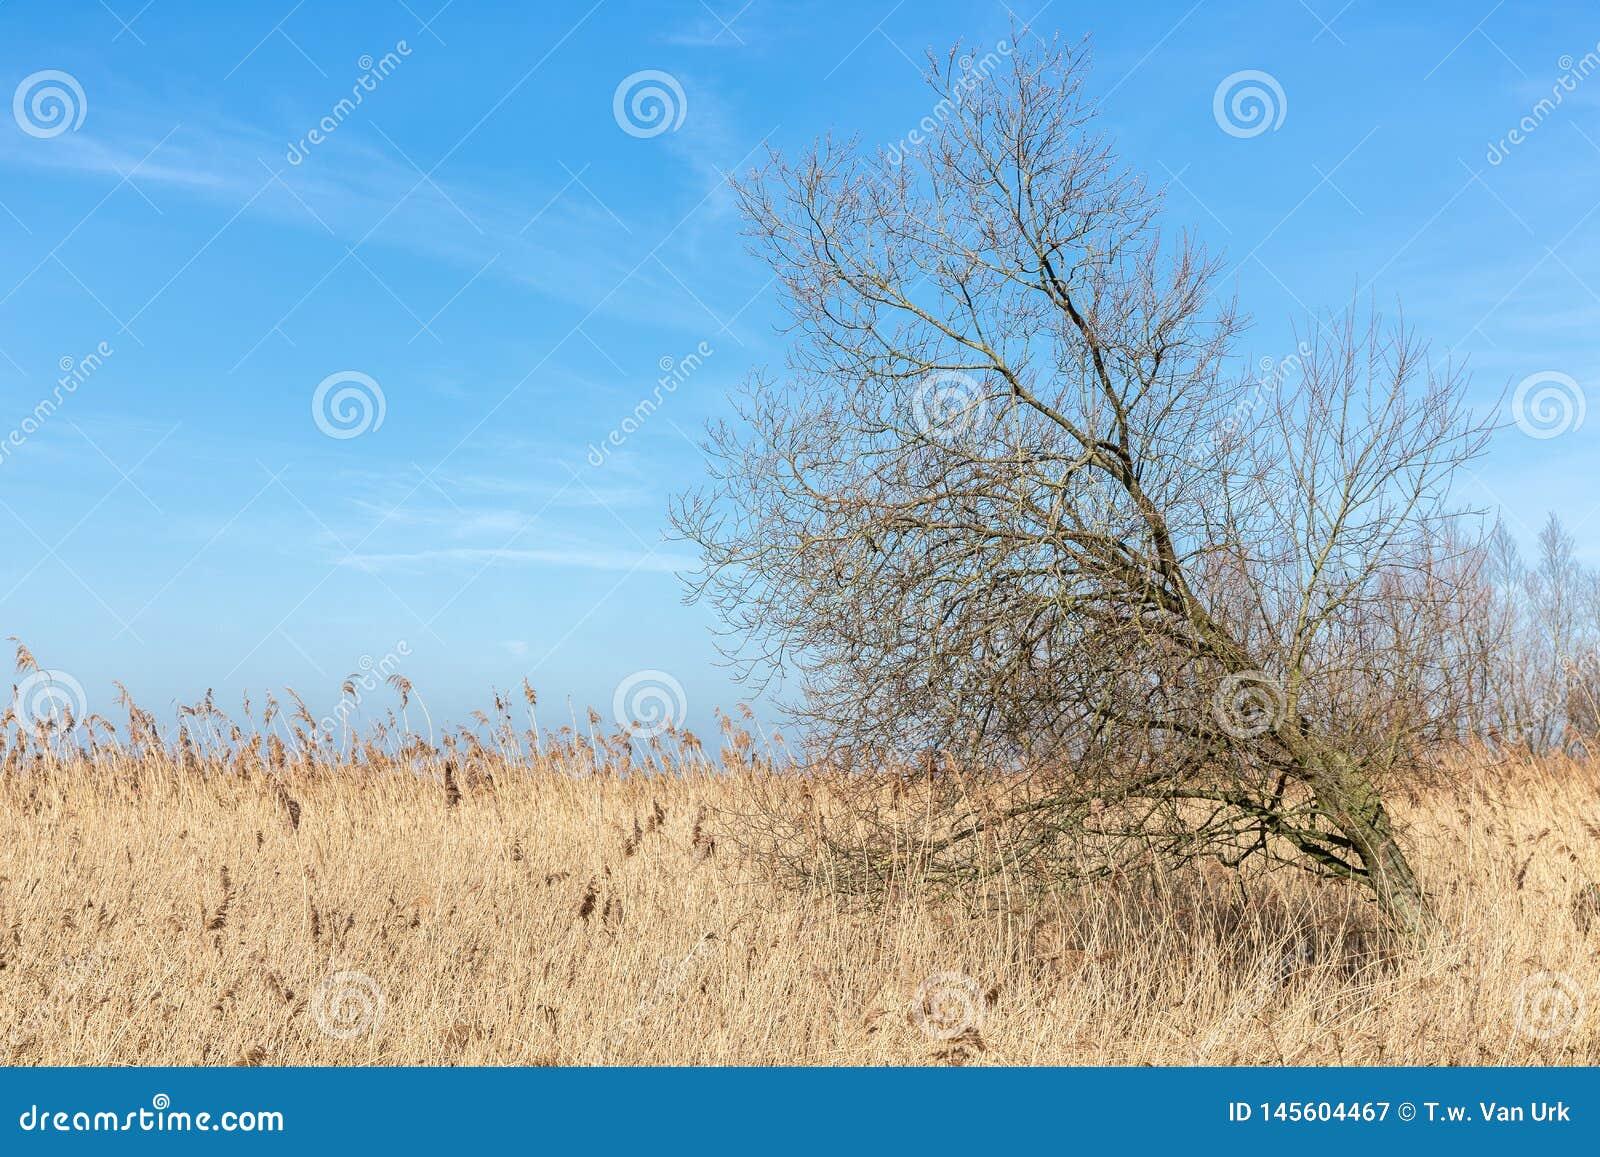 Canebrakes with tree in wetlands of Dutch National Park Oostvaardersplassen